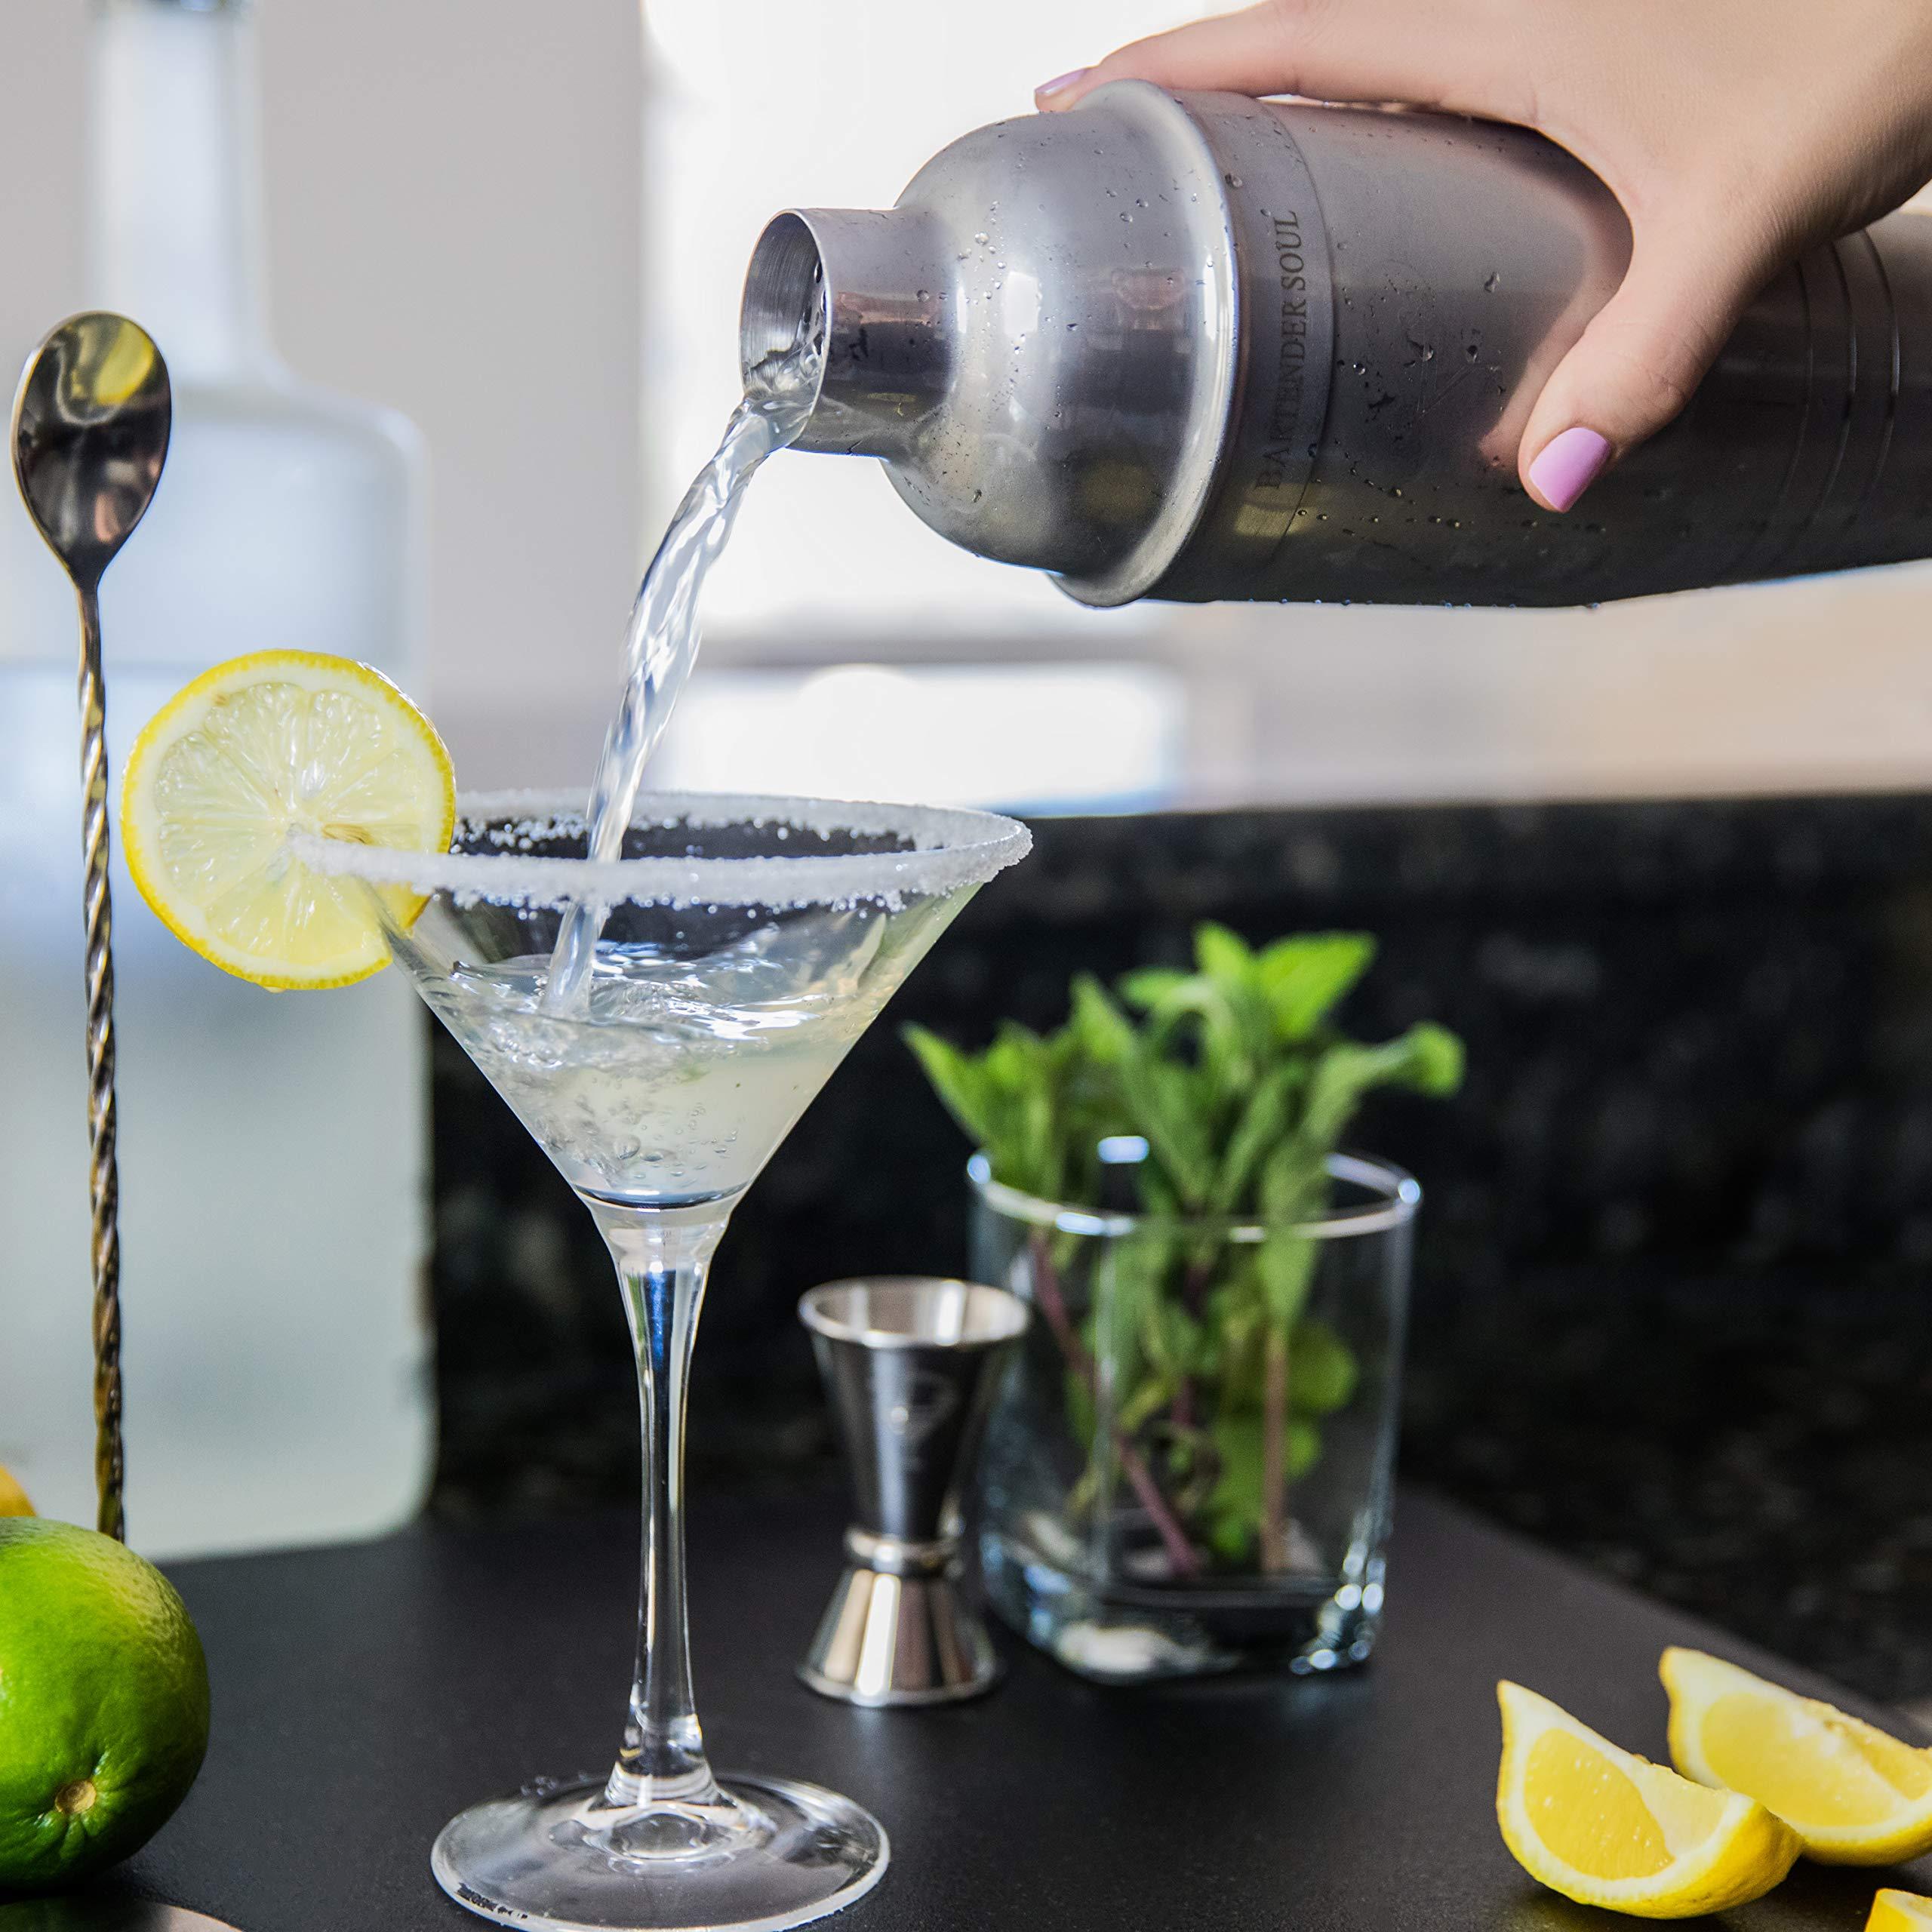 Shaker Cocktail Professionnel de Bartender Soul (750ml) avec Passoire Intégrée - Résistante Acier Inoxydable d\'Épaisseur 0.8mm et Qualité 18/8 304 Réel - Verre Jigger Double et Recettes Inclus